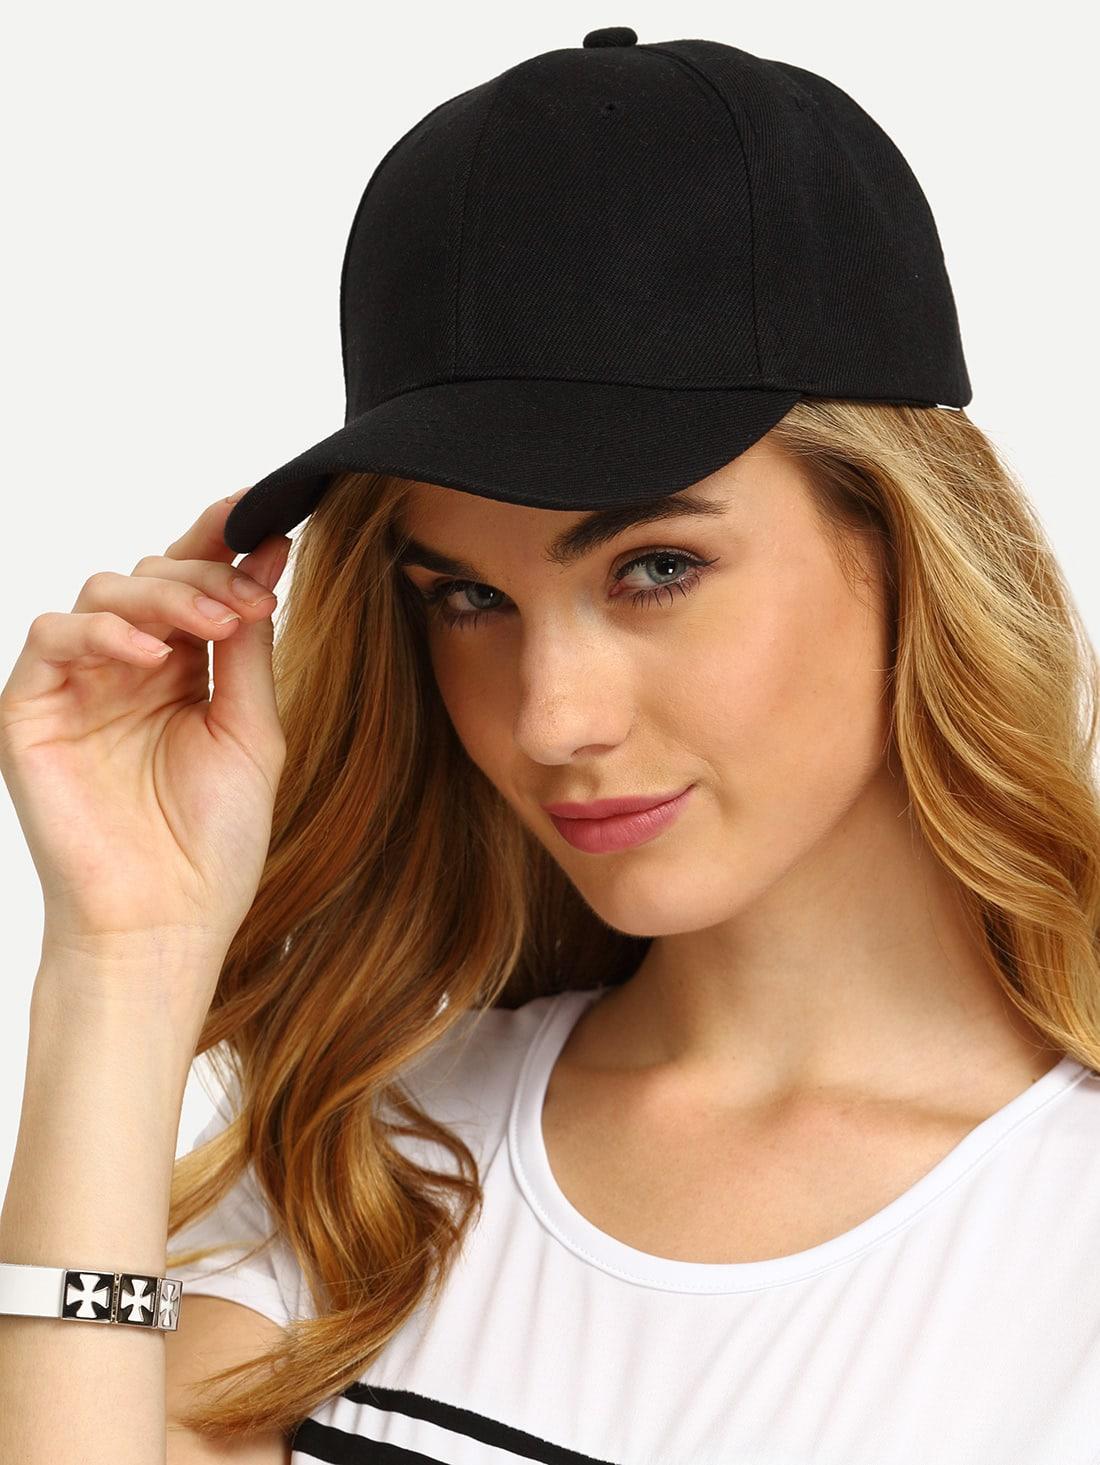 Black Simple Baseball Cap 2017 black white new york baseball cap bone snapback cap brand baseball cap gorras new york black hats for men casquette hat wo